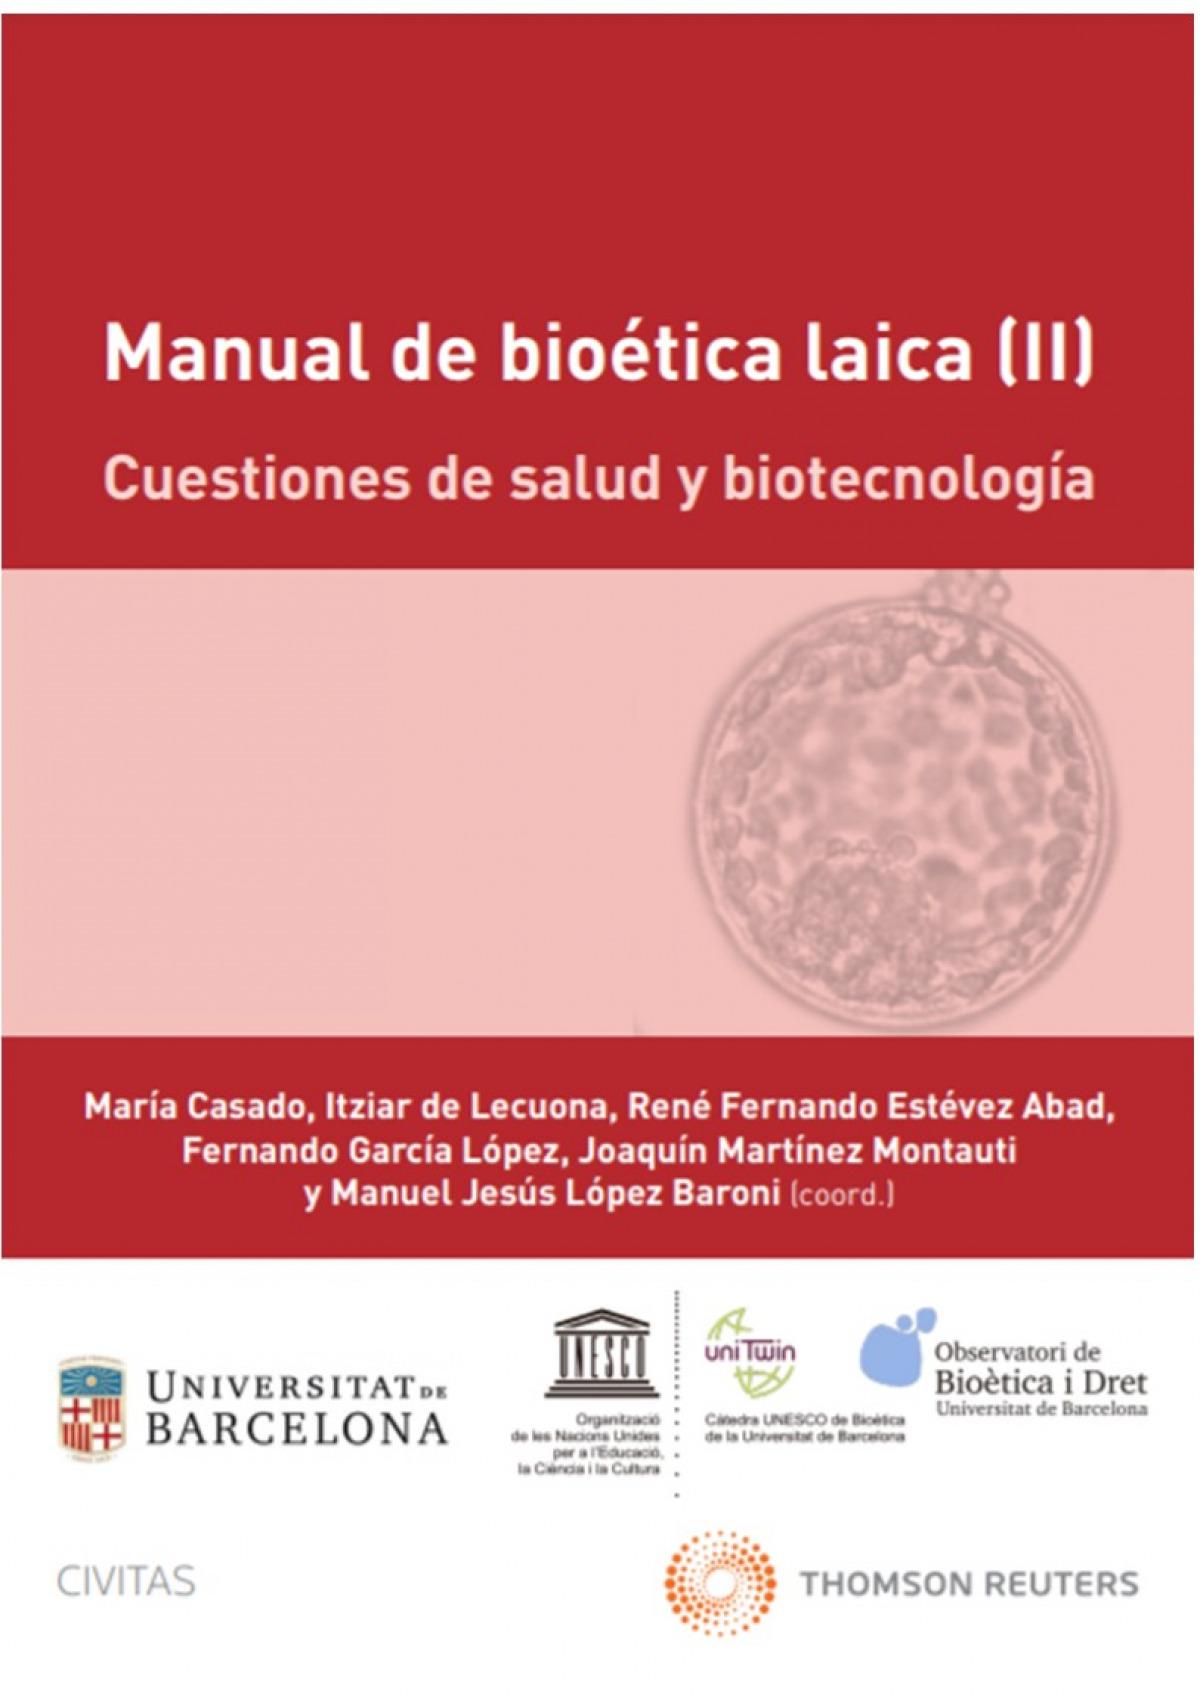 Manual de bioética laica (II): Cuestiones de salud y biotecnología (Papel + e-book)